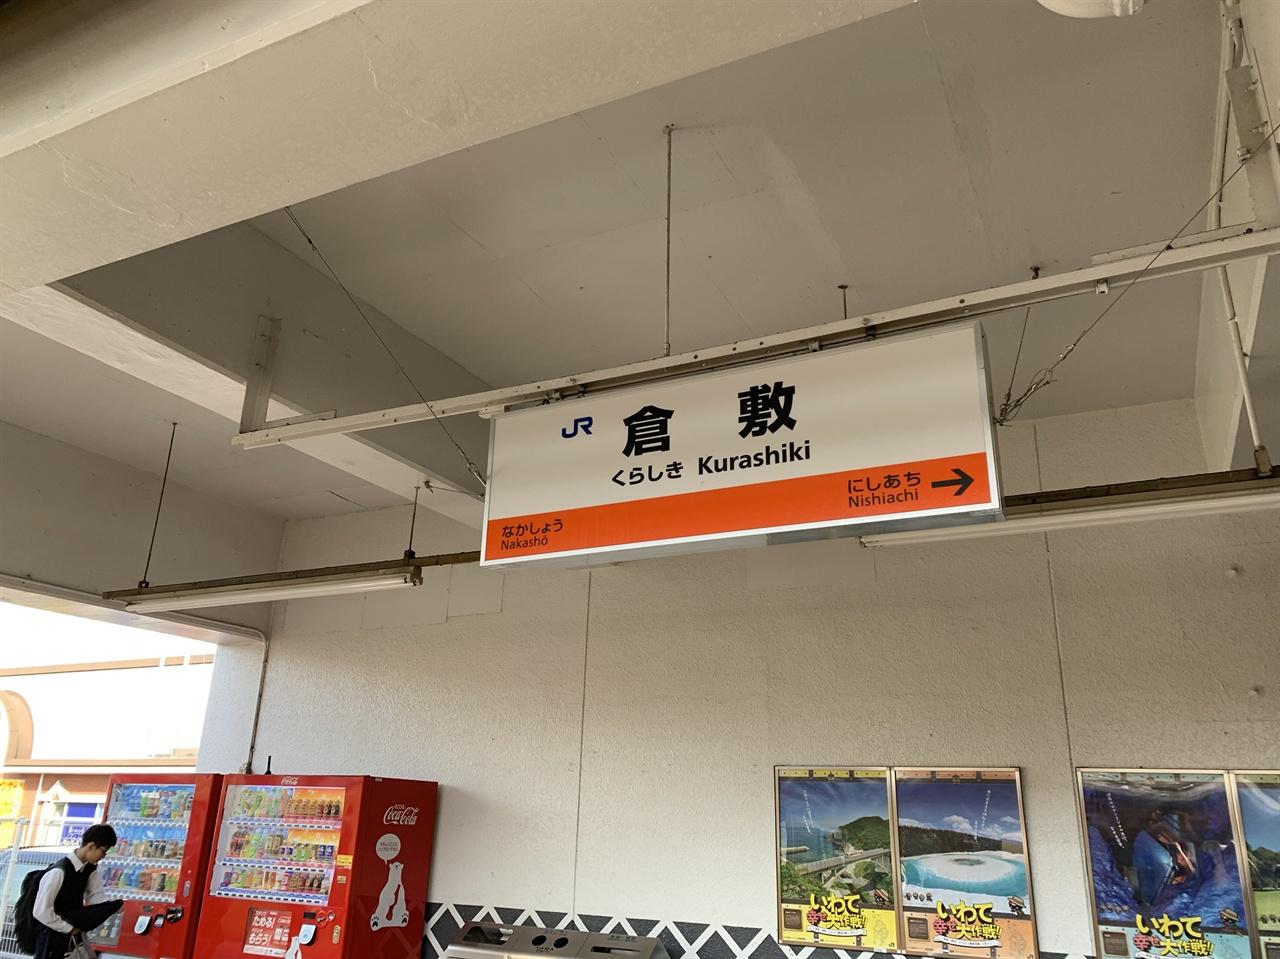 오카야마에서 JR 노선으로 갈아타고 구라시키까지 이동한다.